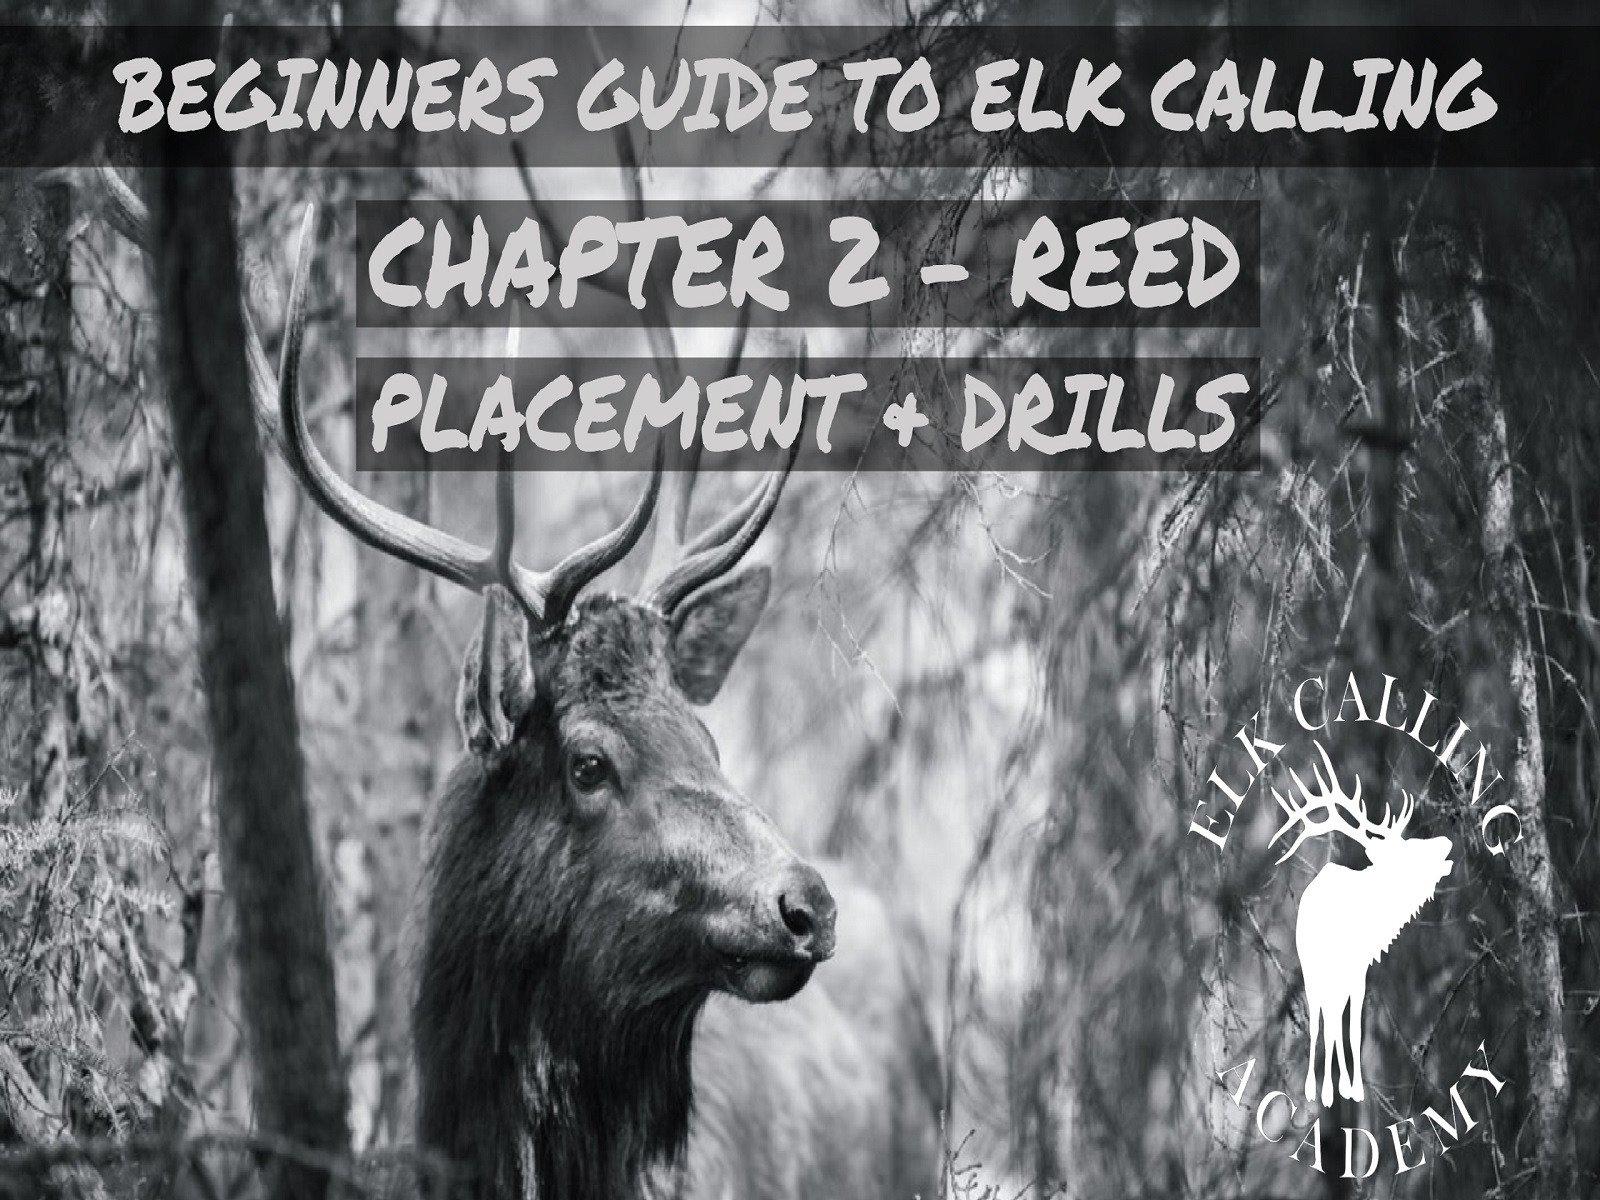 Beginners Guide to Elk Calling - Season 2